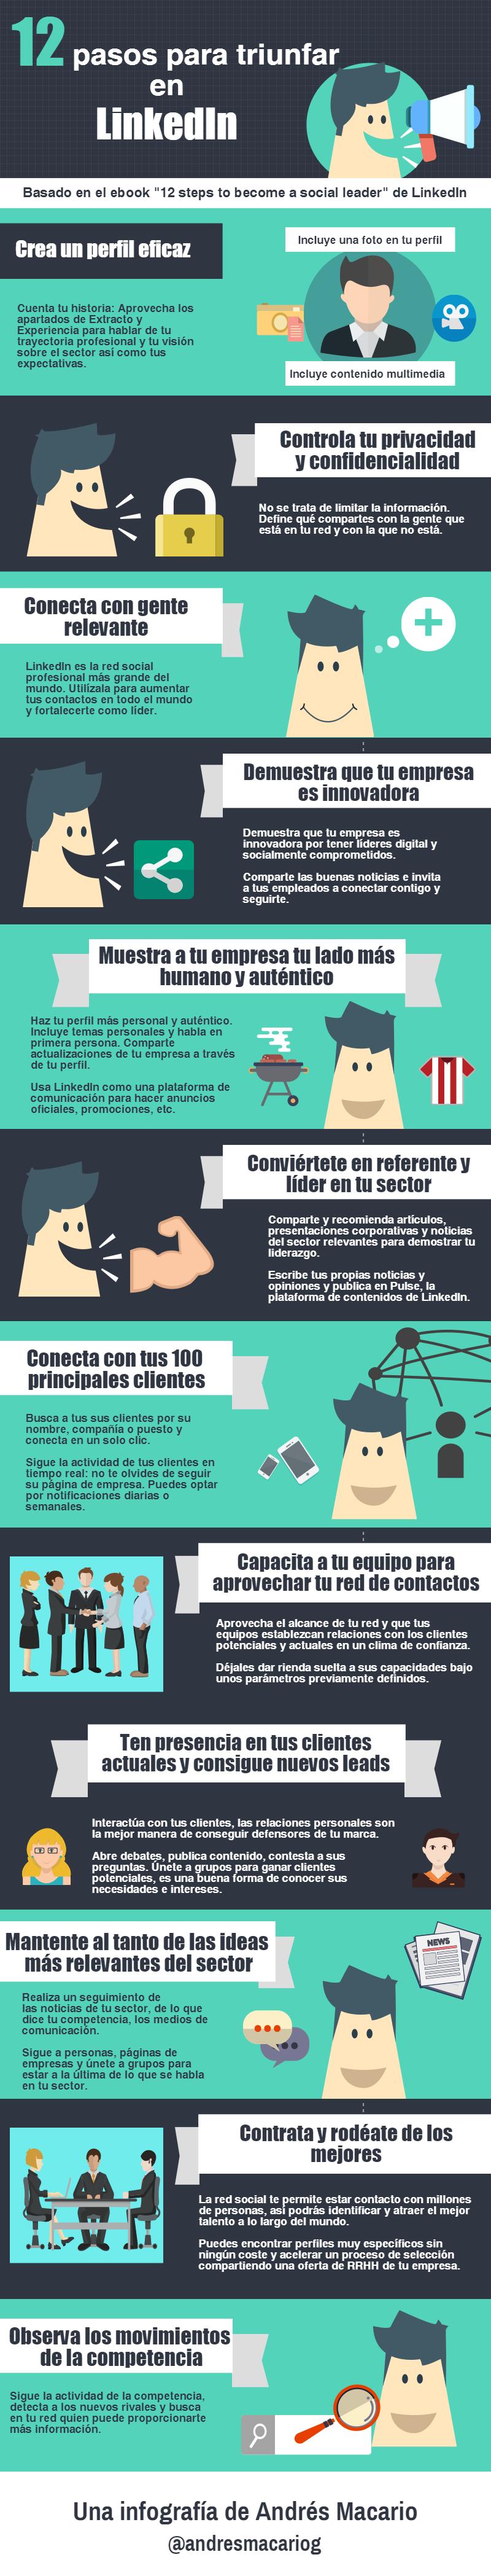 12 pasos para triunfar en LinkedIn Infografia Andres Macario